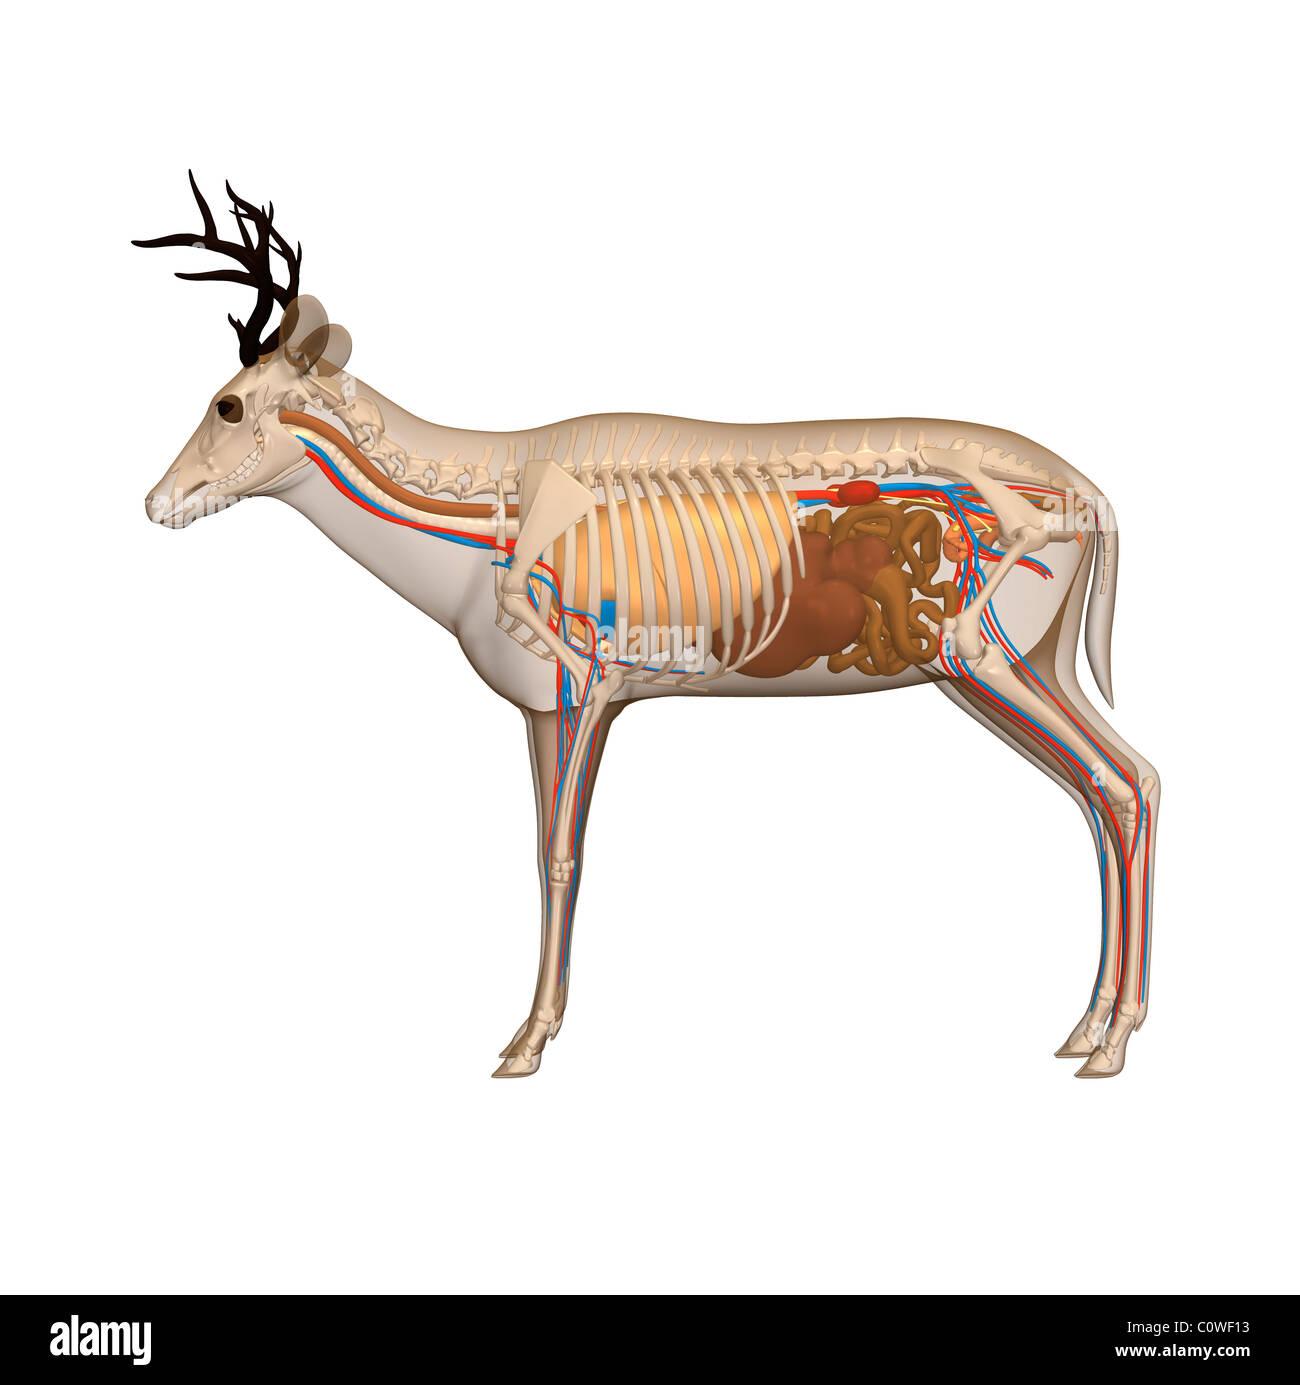 Hirsch-Anatomie Stockfoto, Bild: 34981327 - Alamy